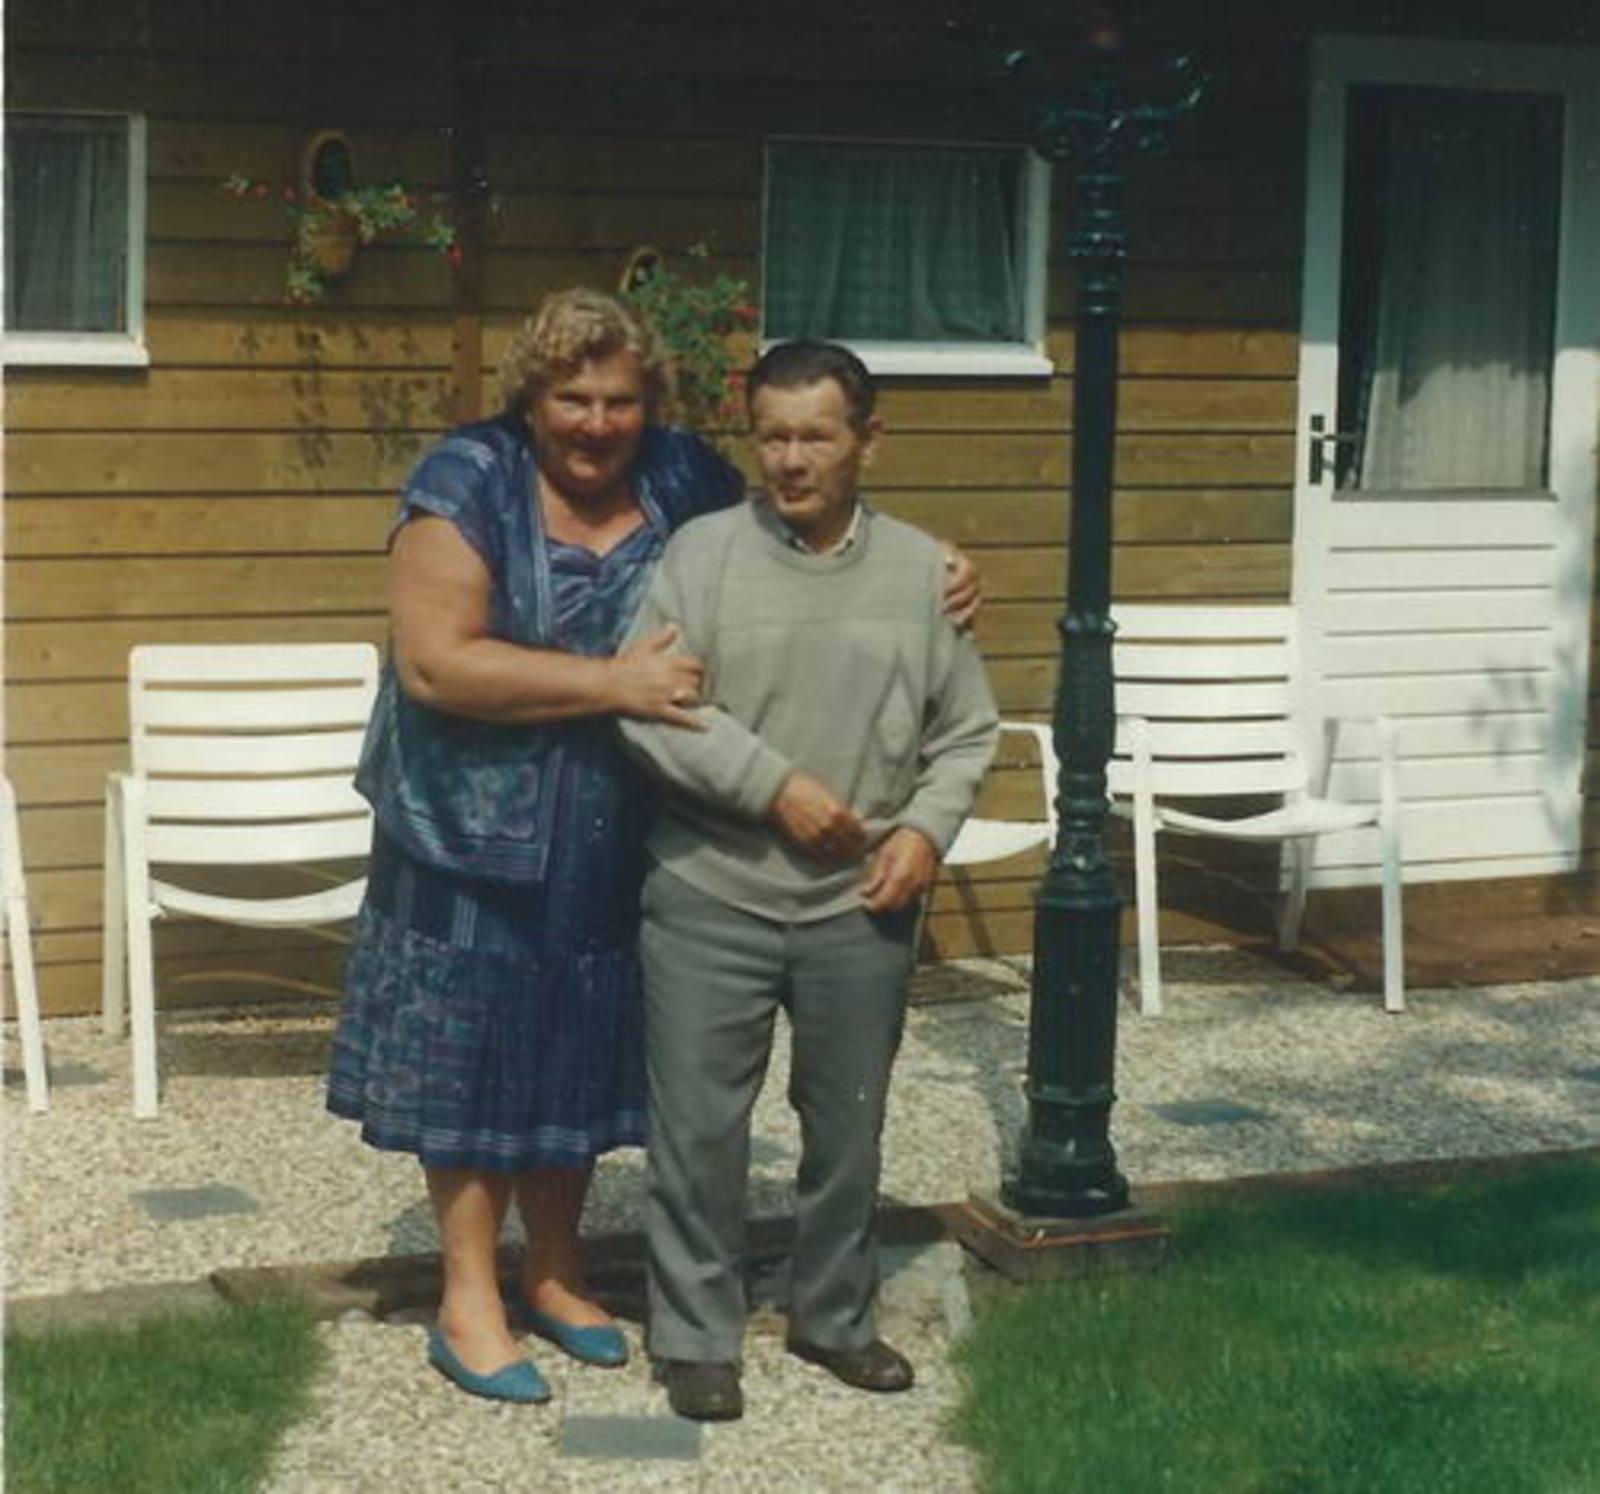 Bliek Toon 1914 1989 met Marietje Visser-Wies